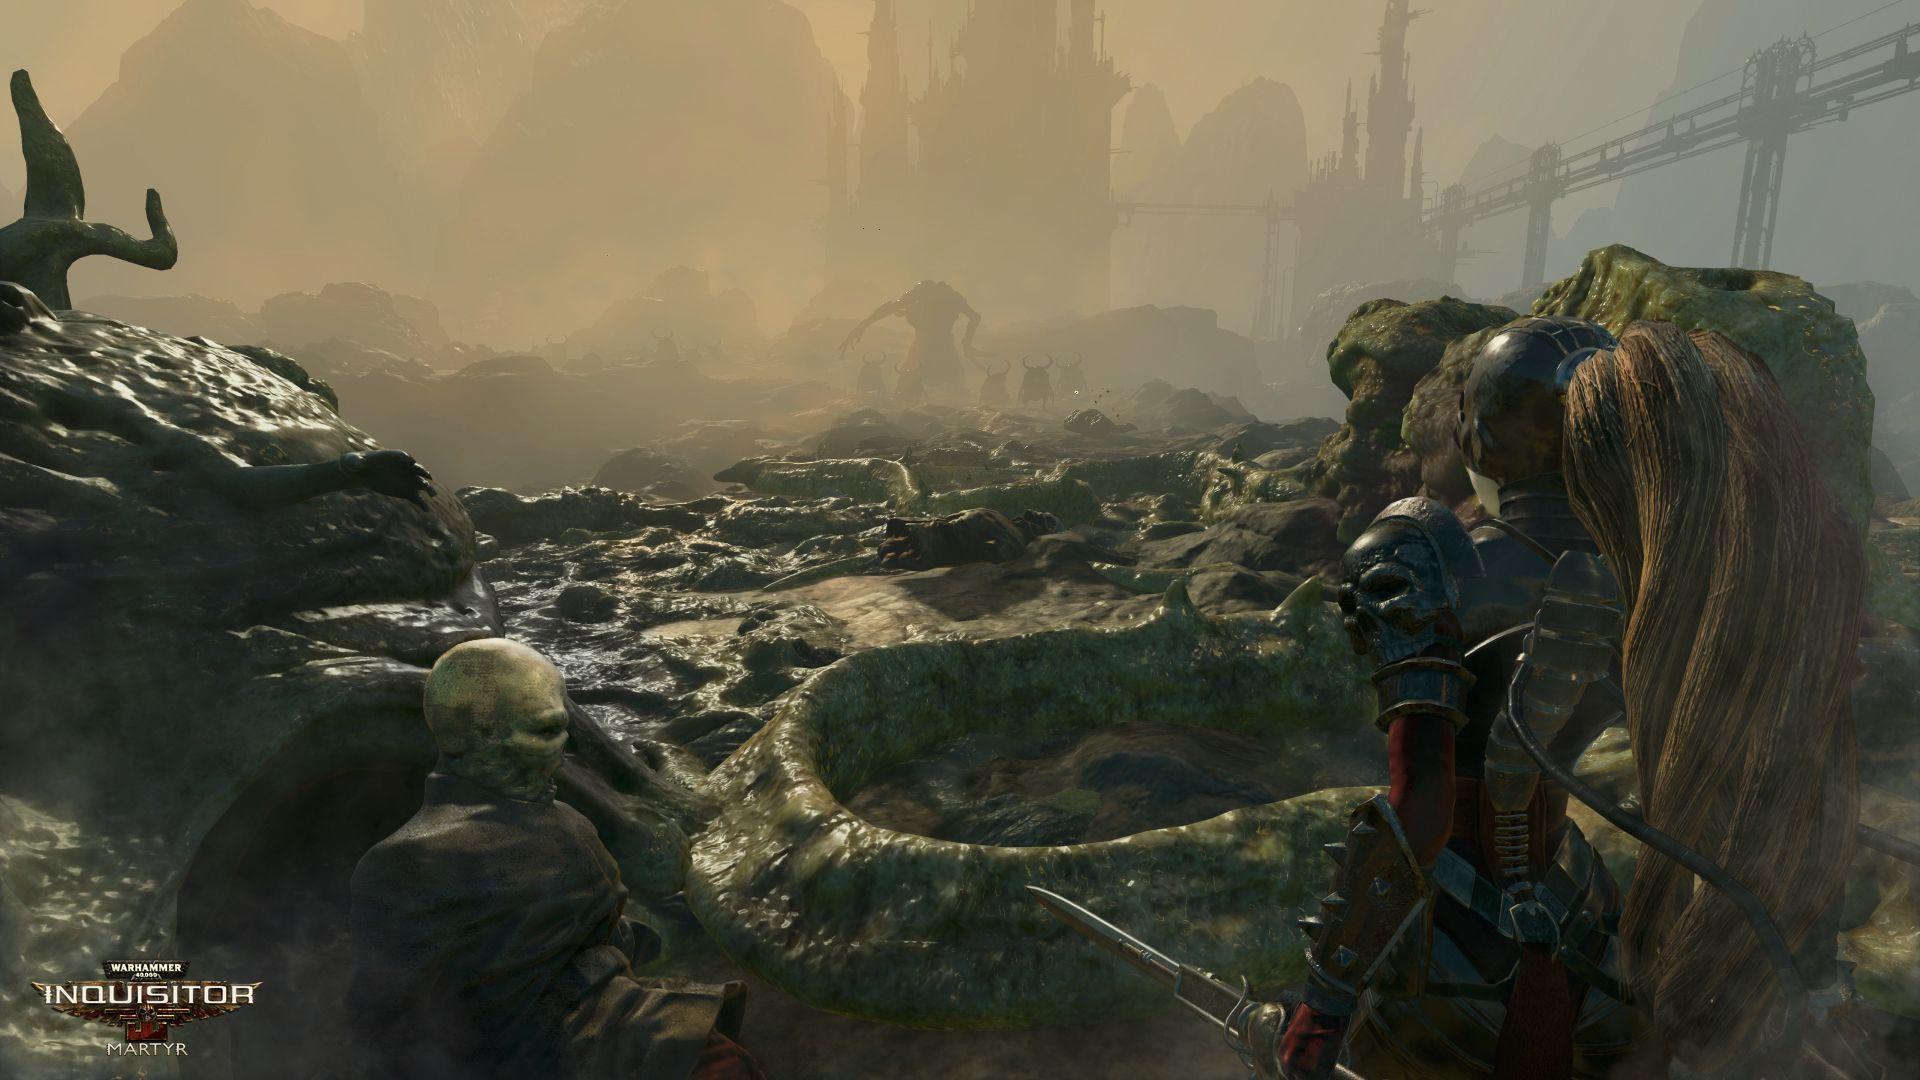 K životu se probouzí diablovka ze světa Warhammeru 40K 126183